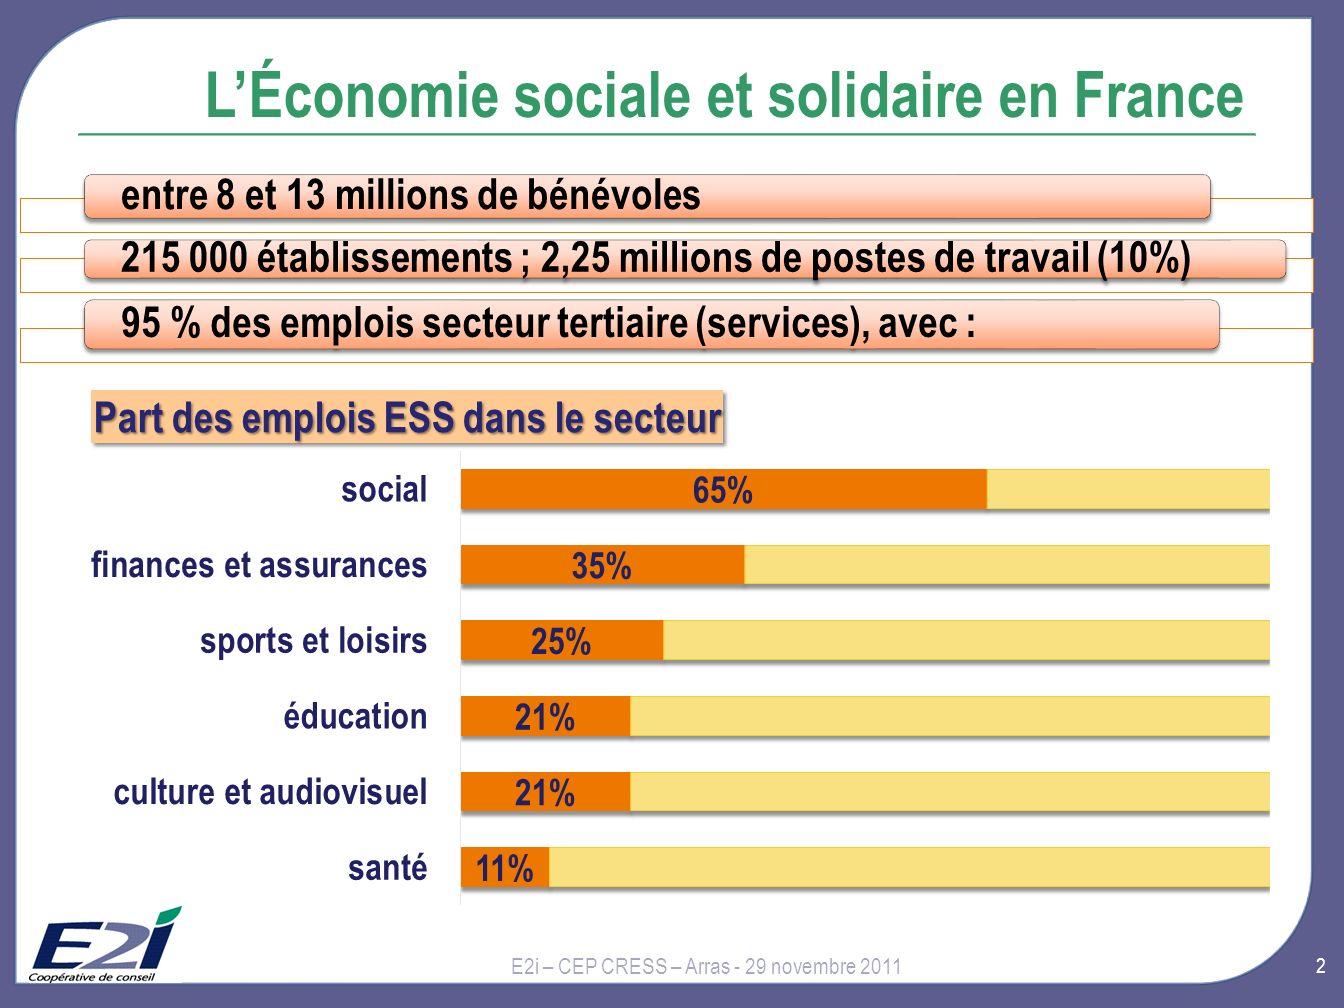 2 LÉconomie sociale et solidaire en France entre 8 et 13 millions de bénévoles 215 000 établissements ; 2,25 millions de postes de travail (10%) 95 % des emplois secteur tertiaire (services), avec : E2i – CEP CRESS – Arras - 29 novembre 2011